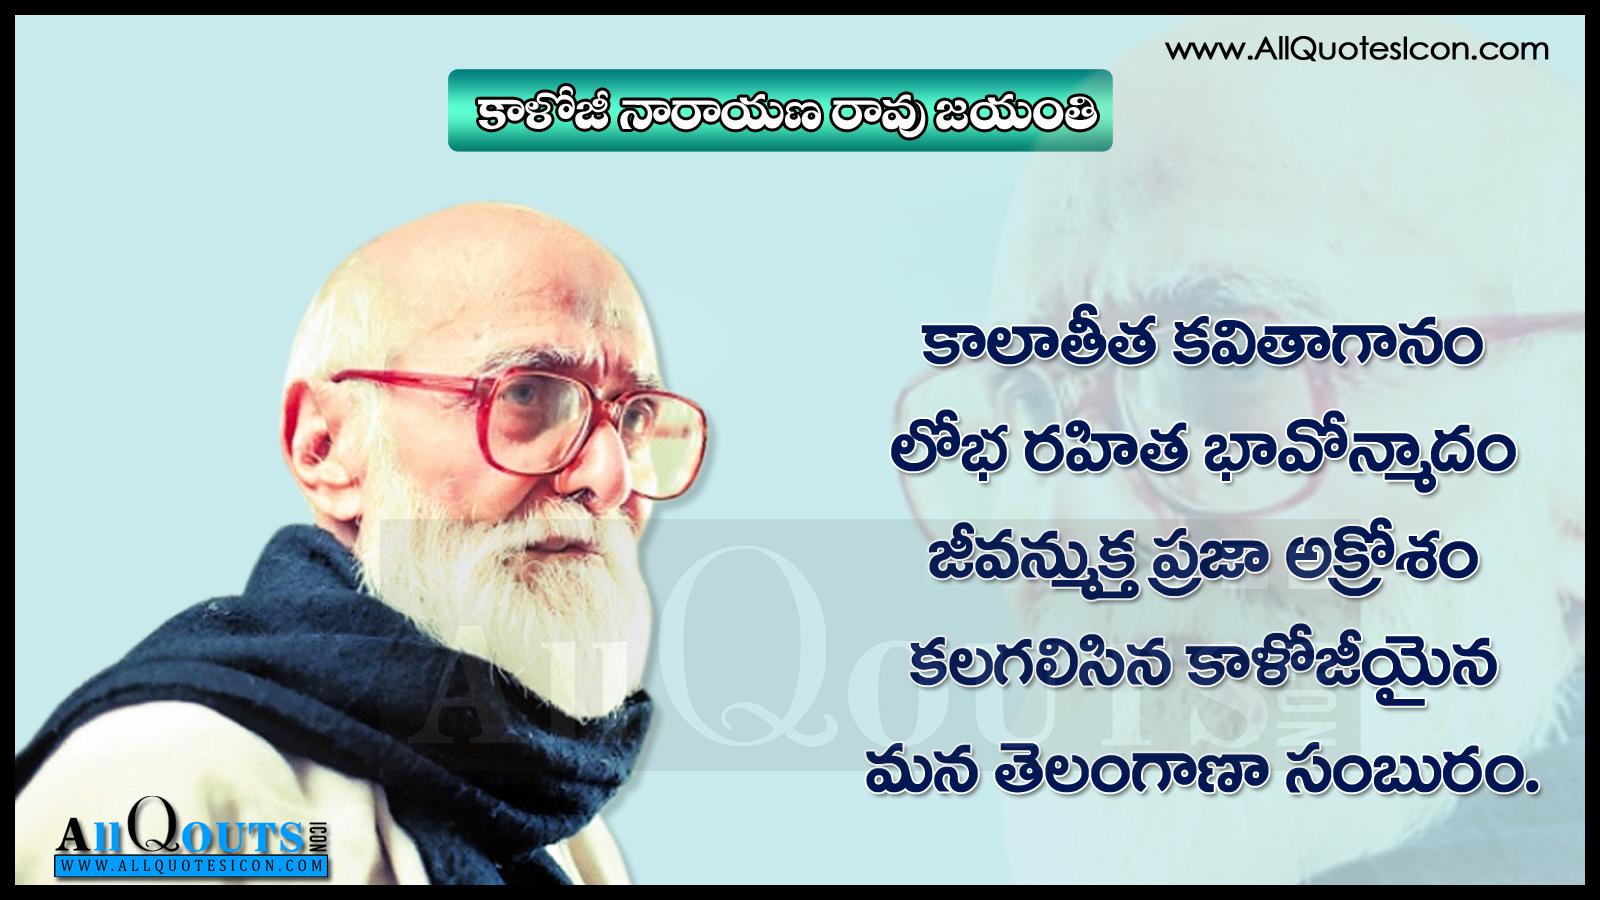 Kaloji Narayana Rao Jayanthi Greetings and Quotes in Telugu Great